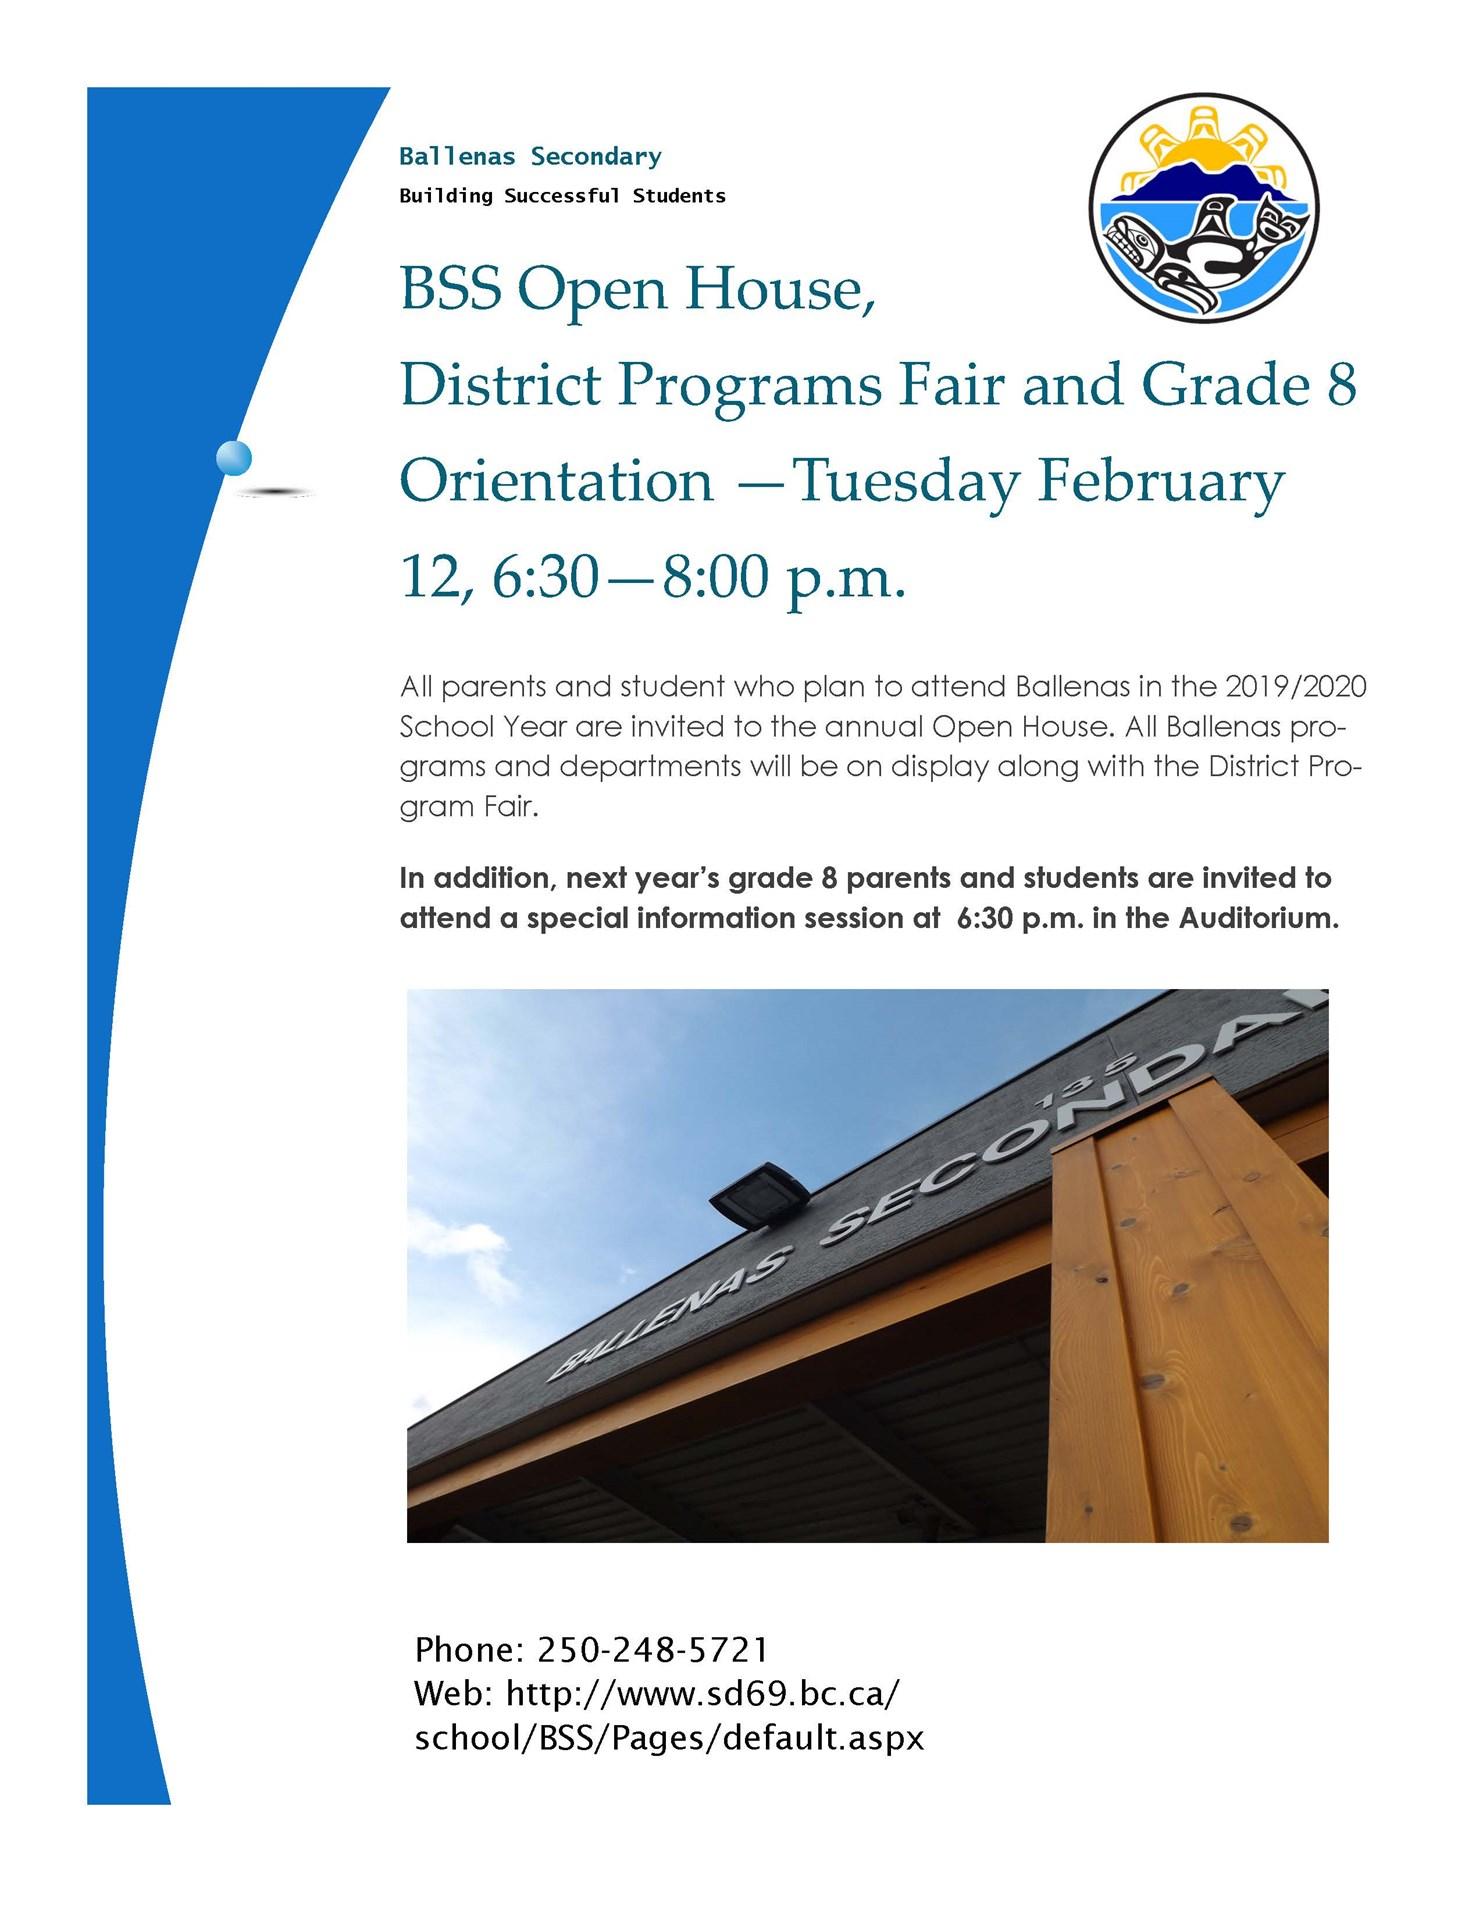 Open House Flyer BSS 2019.jpg